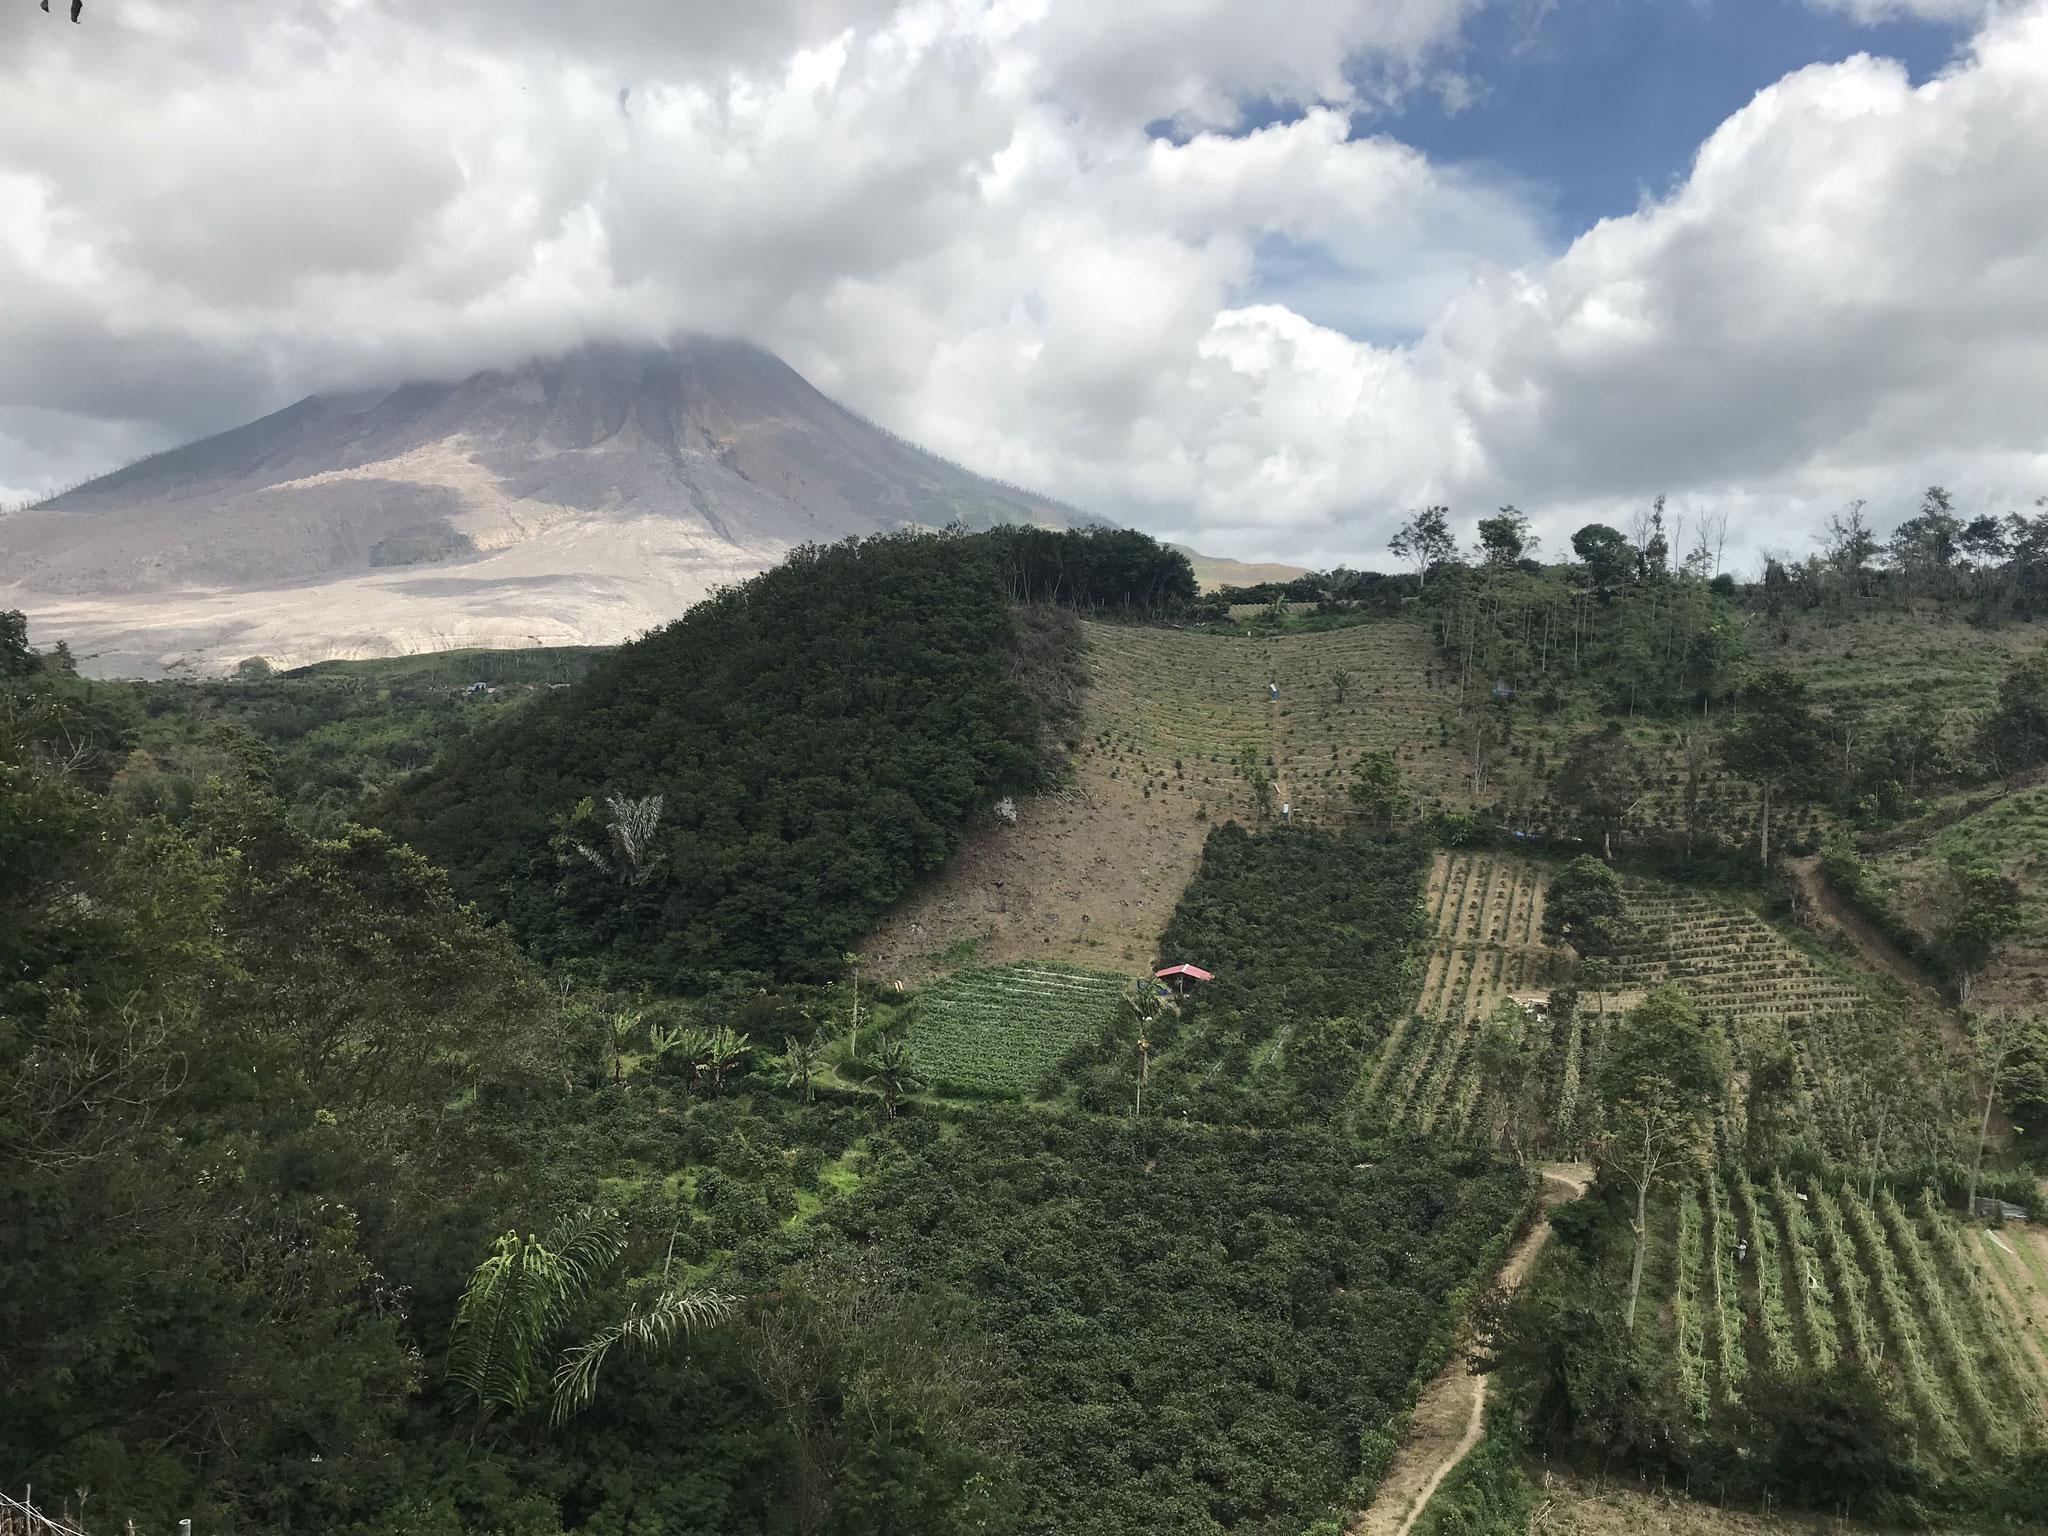 Die Menschen, die einst in den Dörfern am Fusse des Vulkans gelebt haben, bewirtschaften noch immer ihre Felder, auch wenn sie nicht wissen, wann der nächste Ausbruch kommen wird.